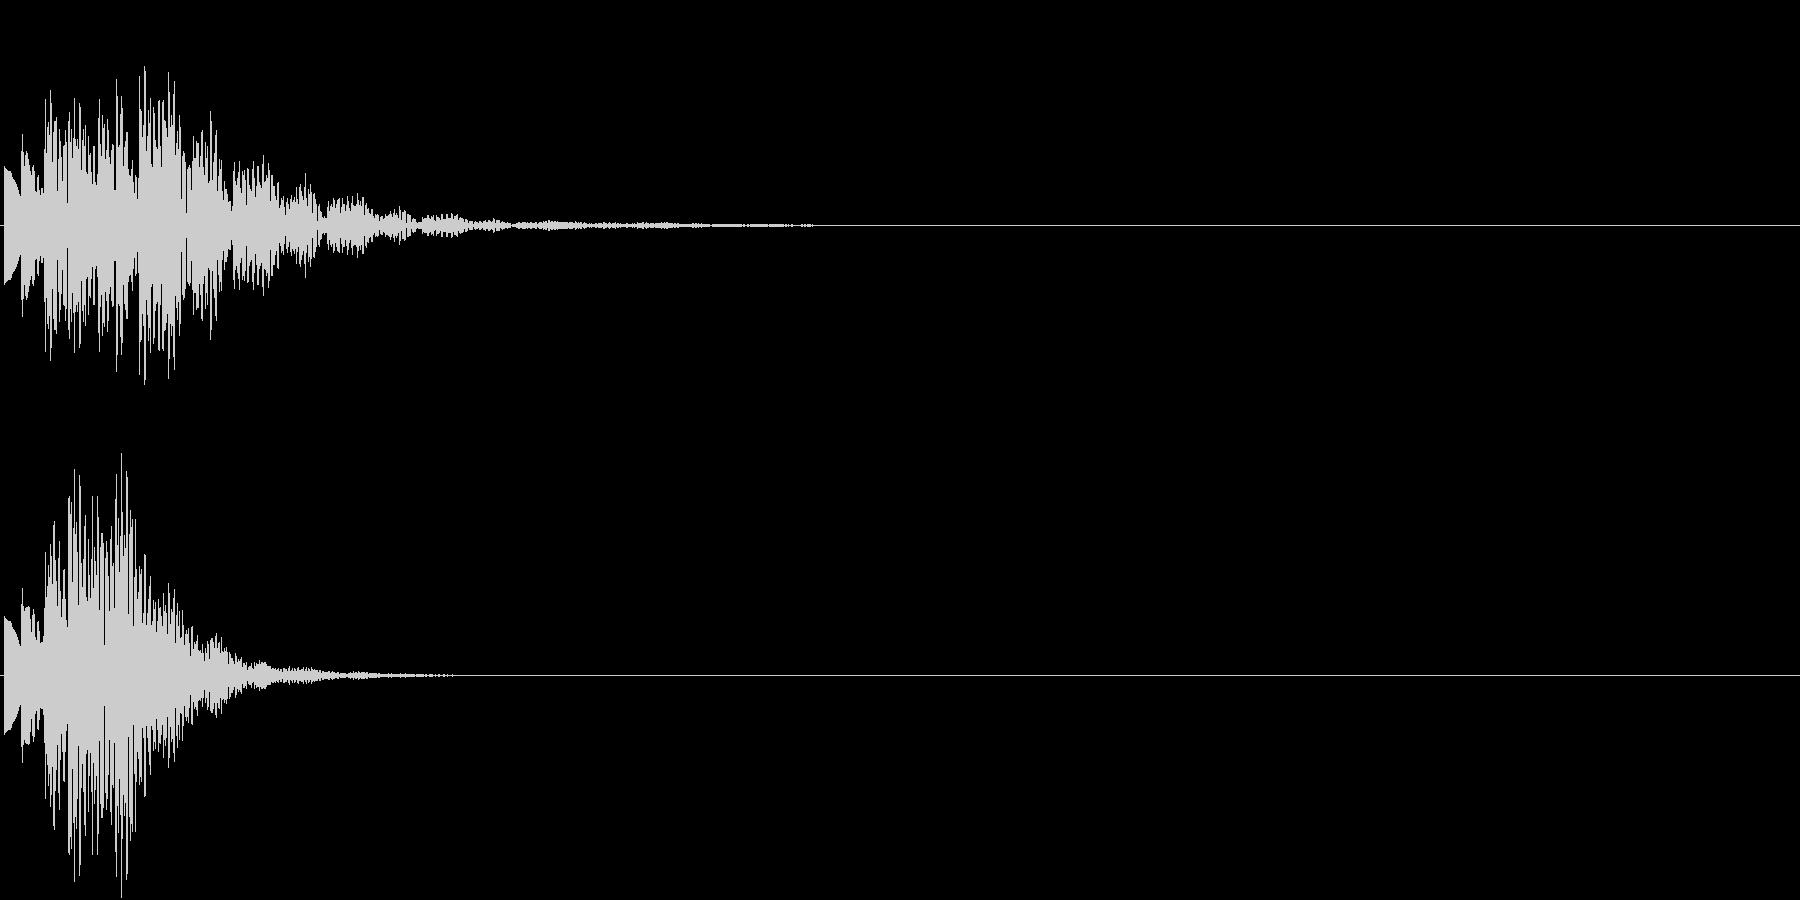 ひらめき 獲得 ゲット 入手 キラリン4の未再生の波形